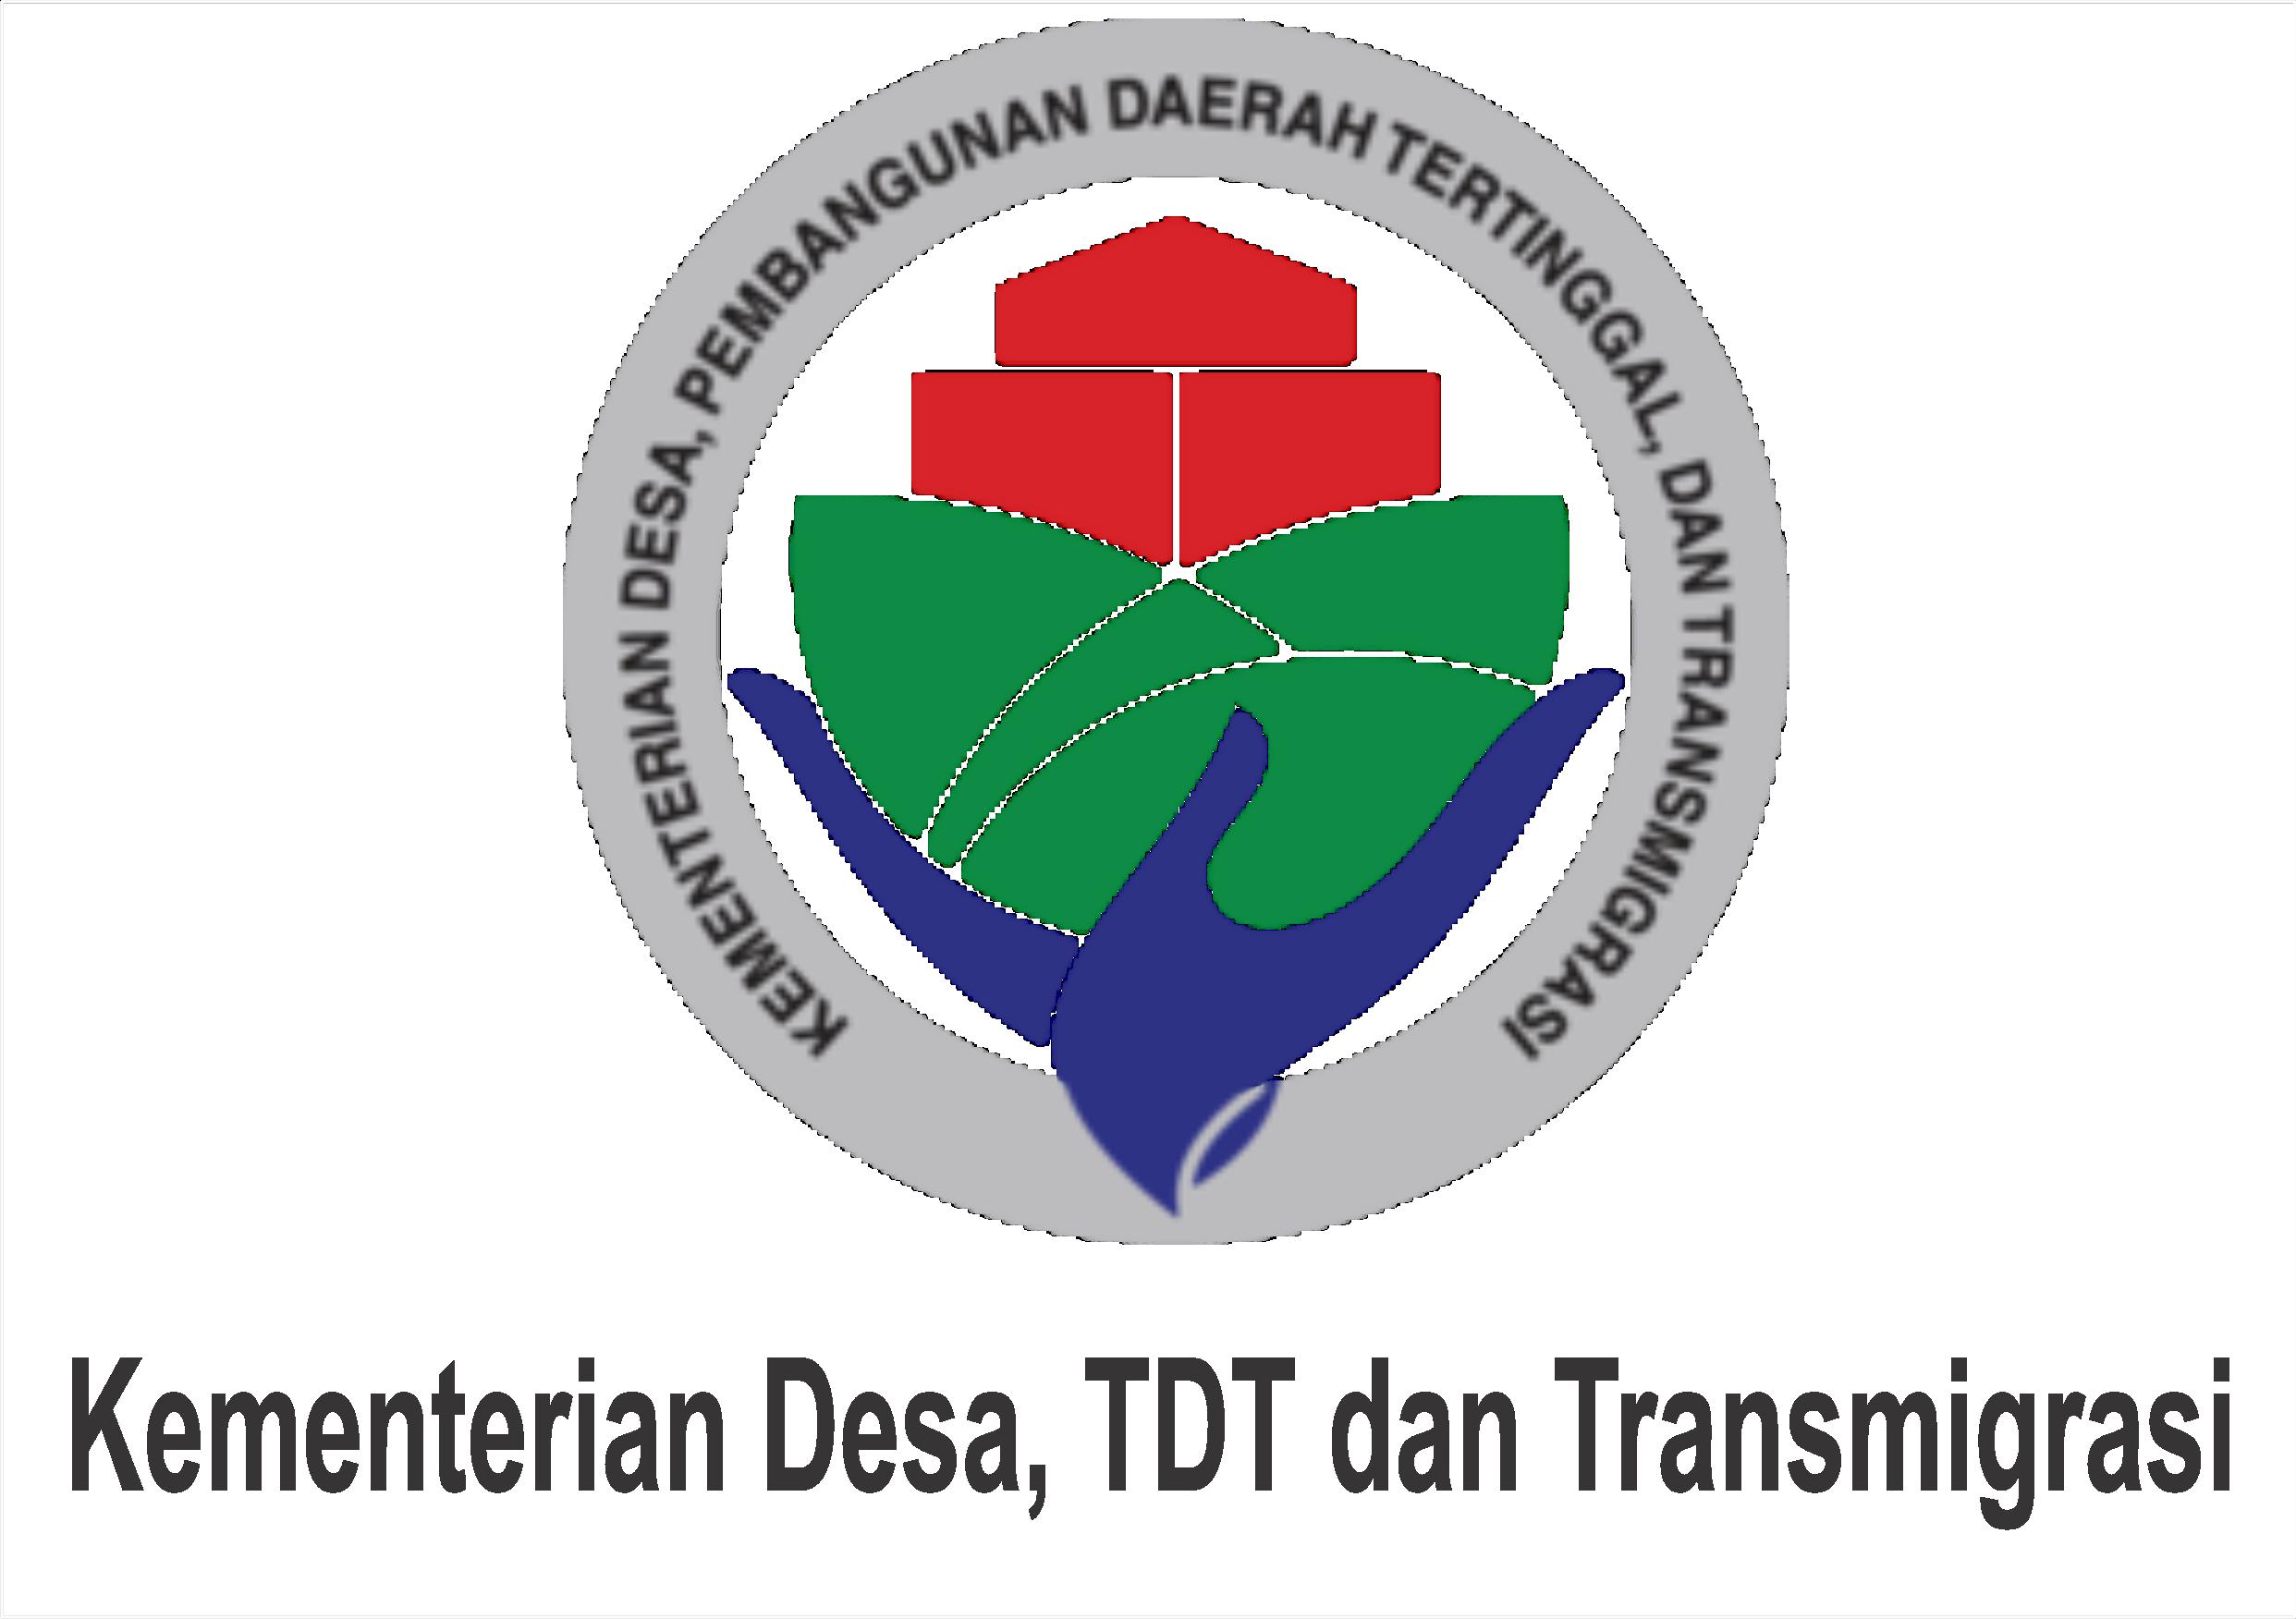 Kementerian Desa, TDT dan Transmigrasi